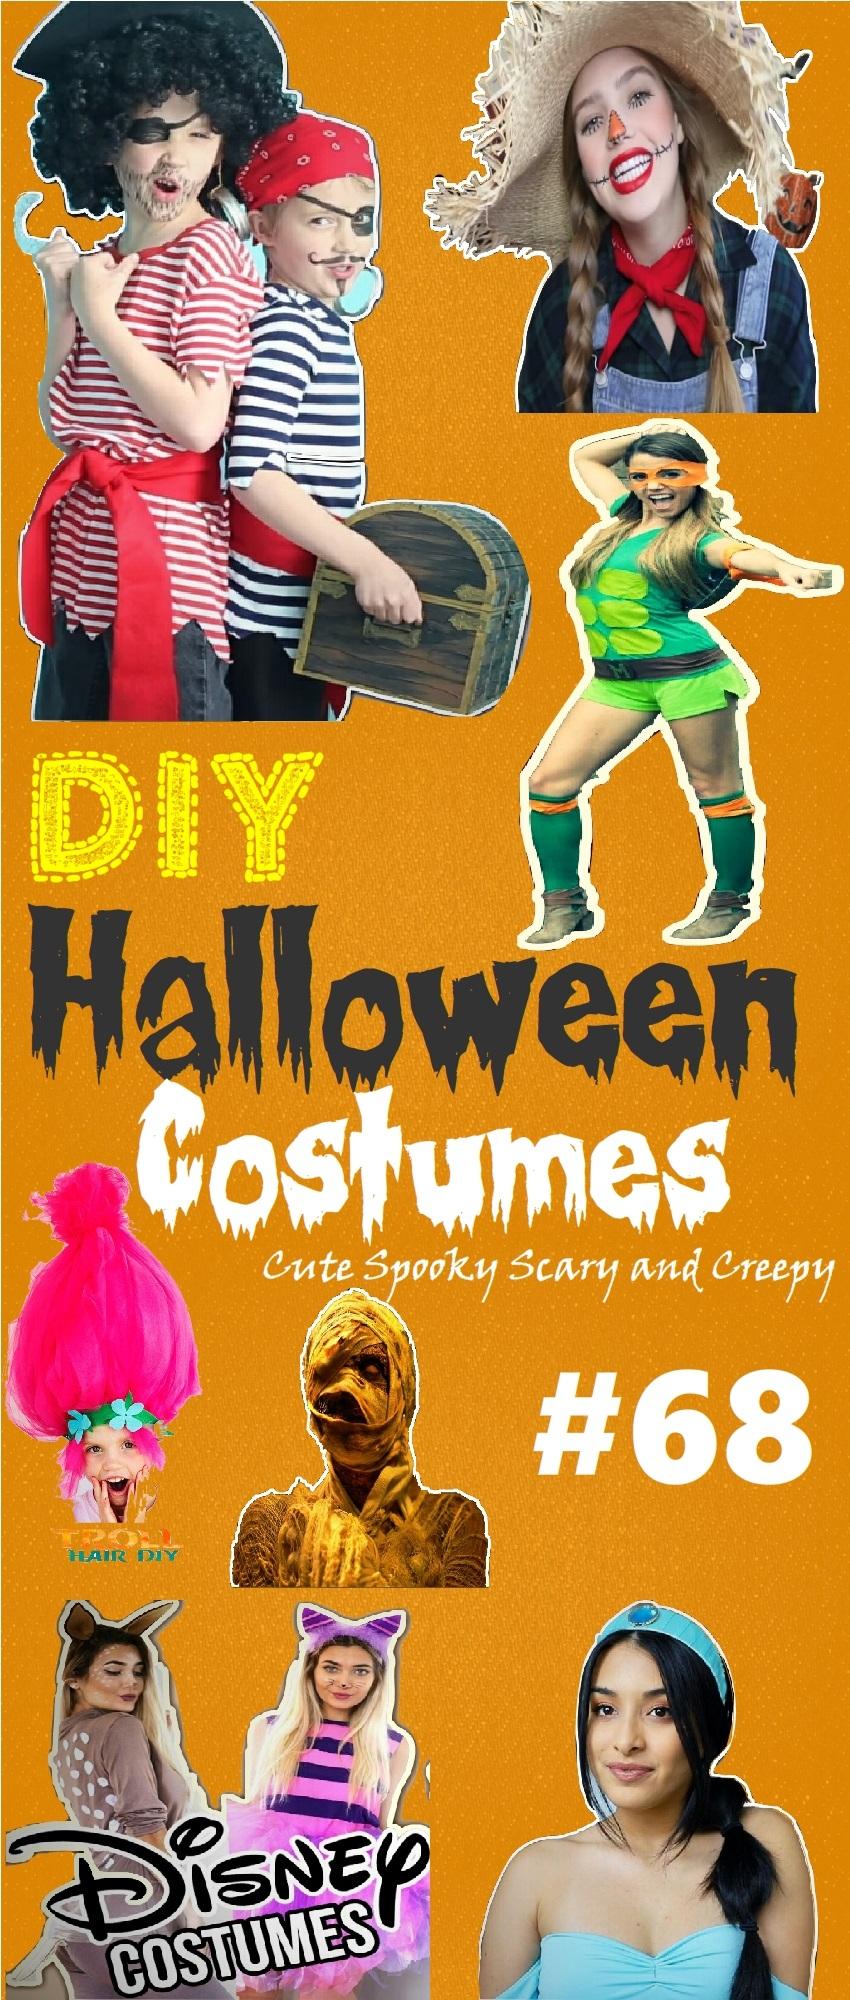 94 diy halloween costumes 2018: surprisingly cute, scary & creepy